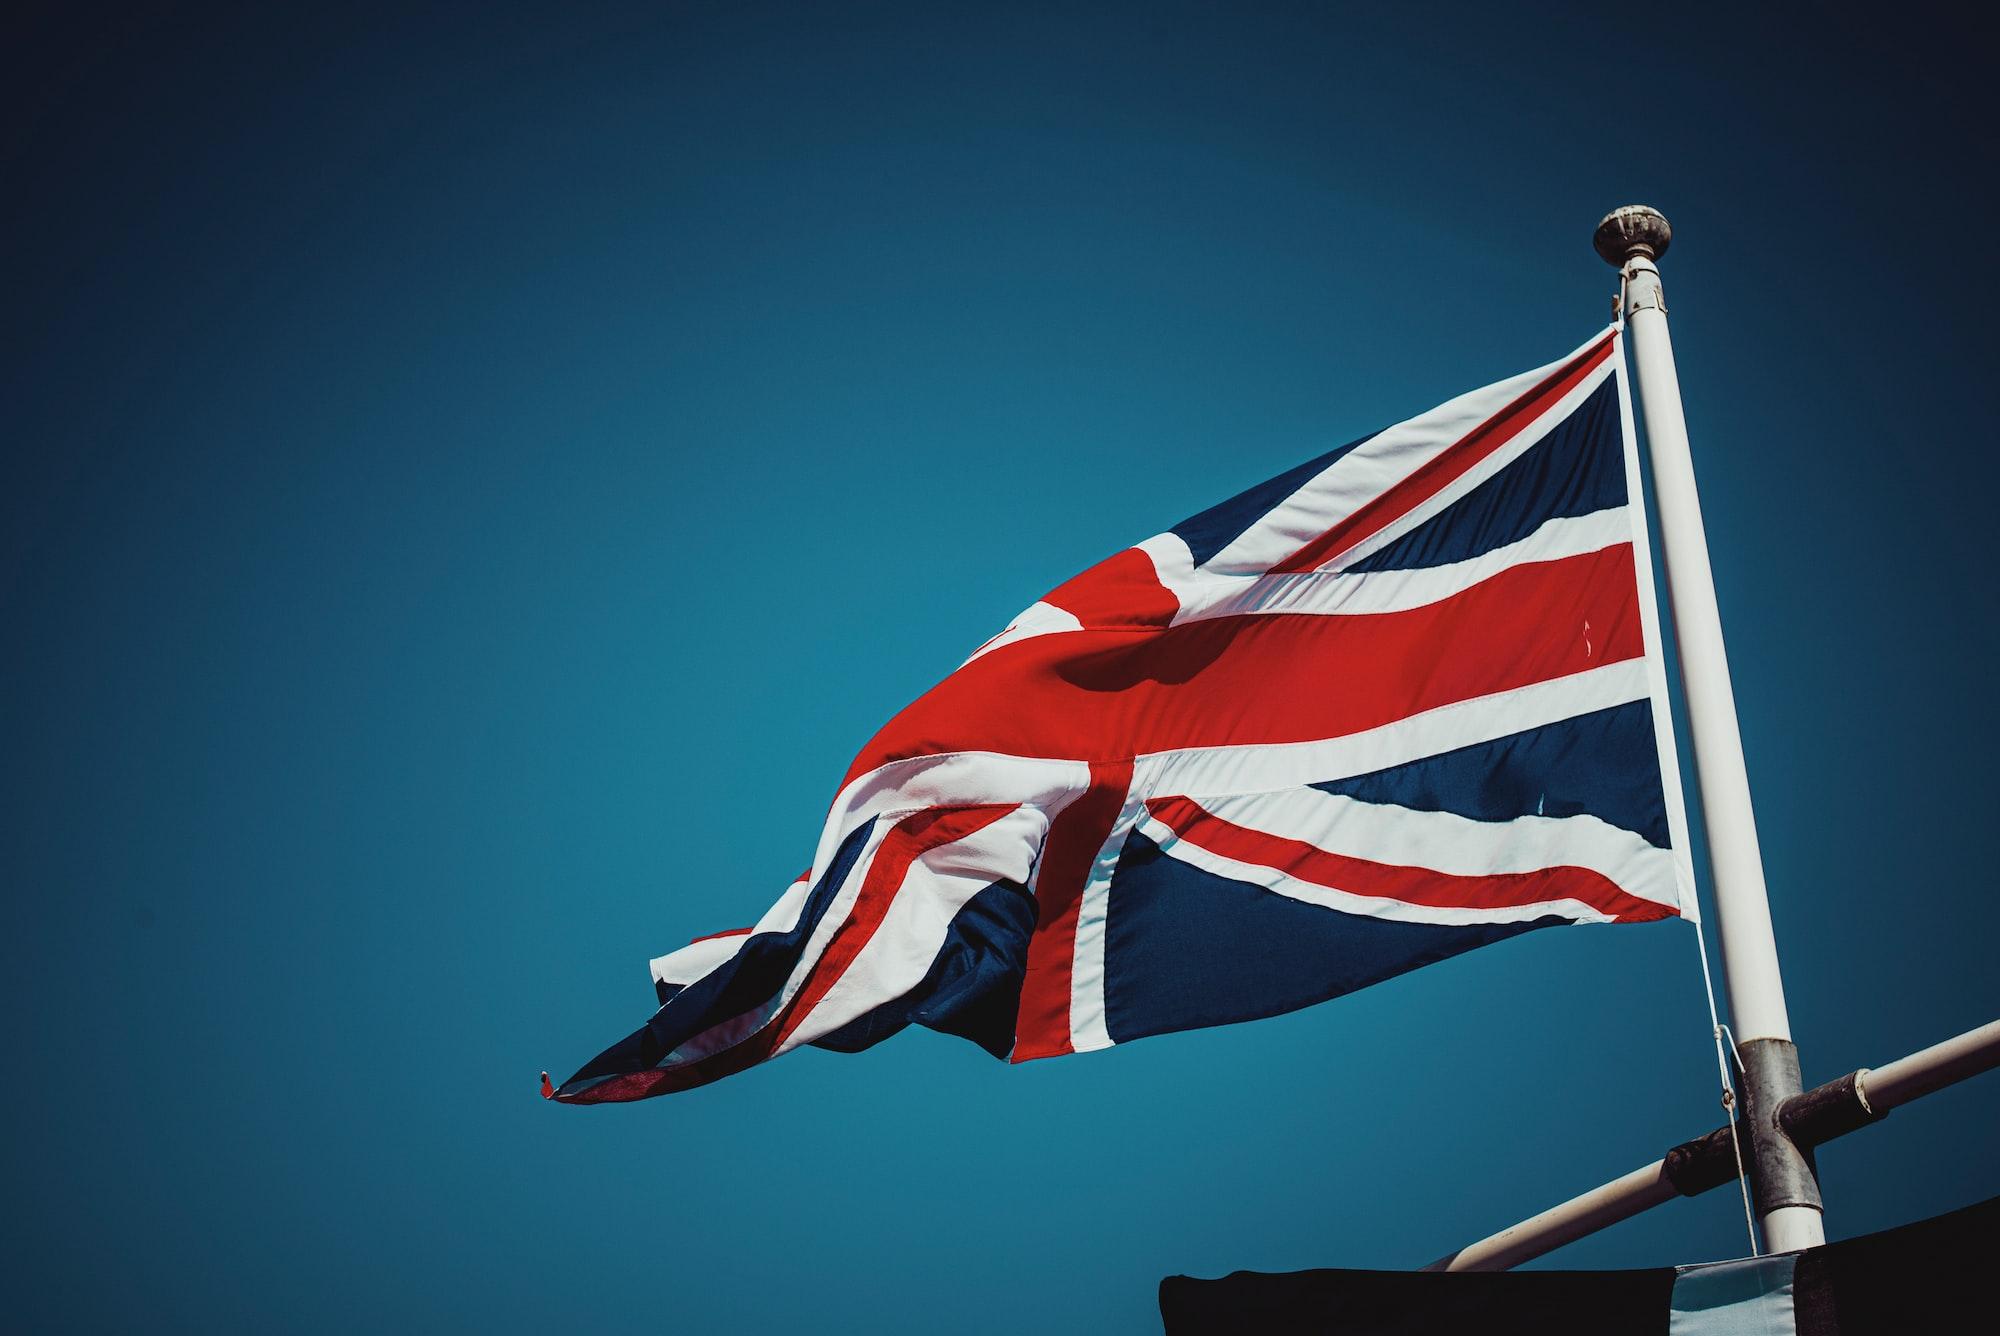 """ปอนด์ดิจิทัล จะเรียกคืนสถานะ """"ศูนย์กลางทางการเงิน"""" ของลอนดอนหลัง Brexit ได้หรือไม่?"""